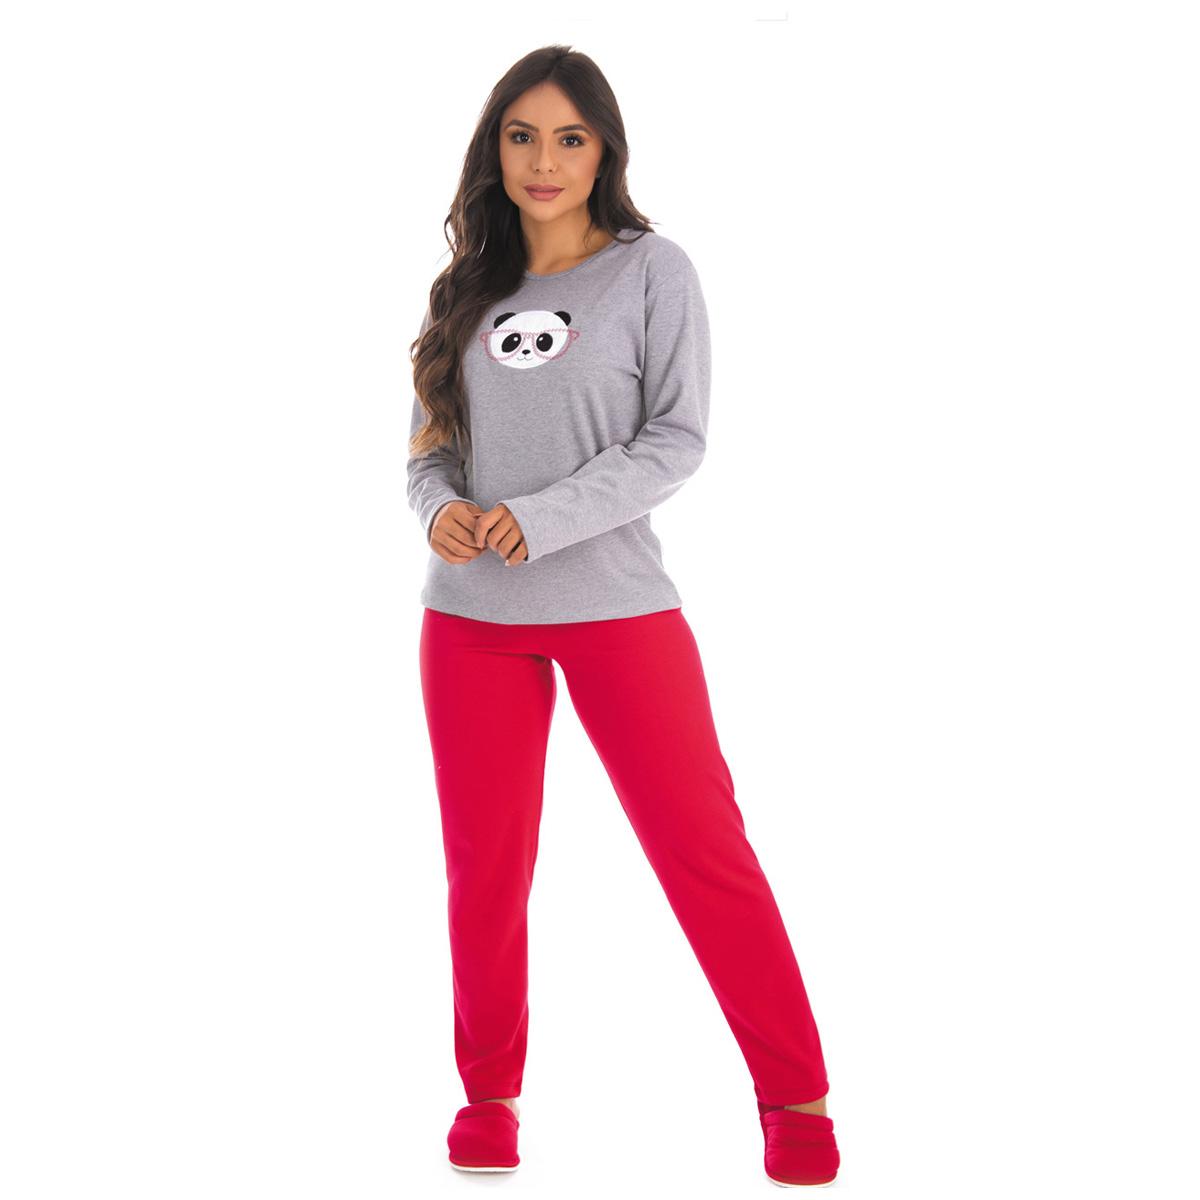 Kit com 2 Pijamas de Inverno Femininos Longos Victory